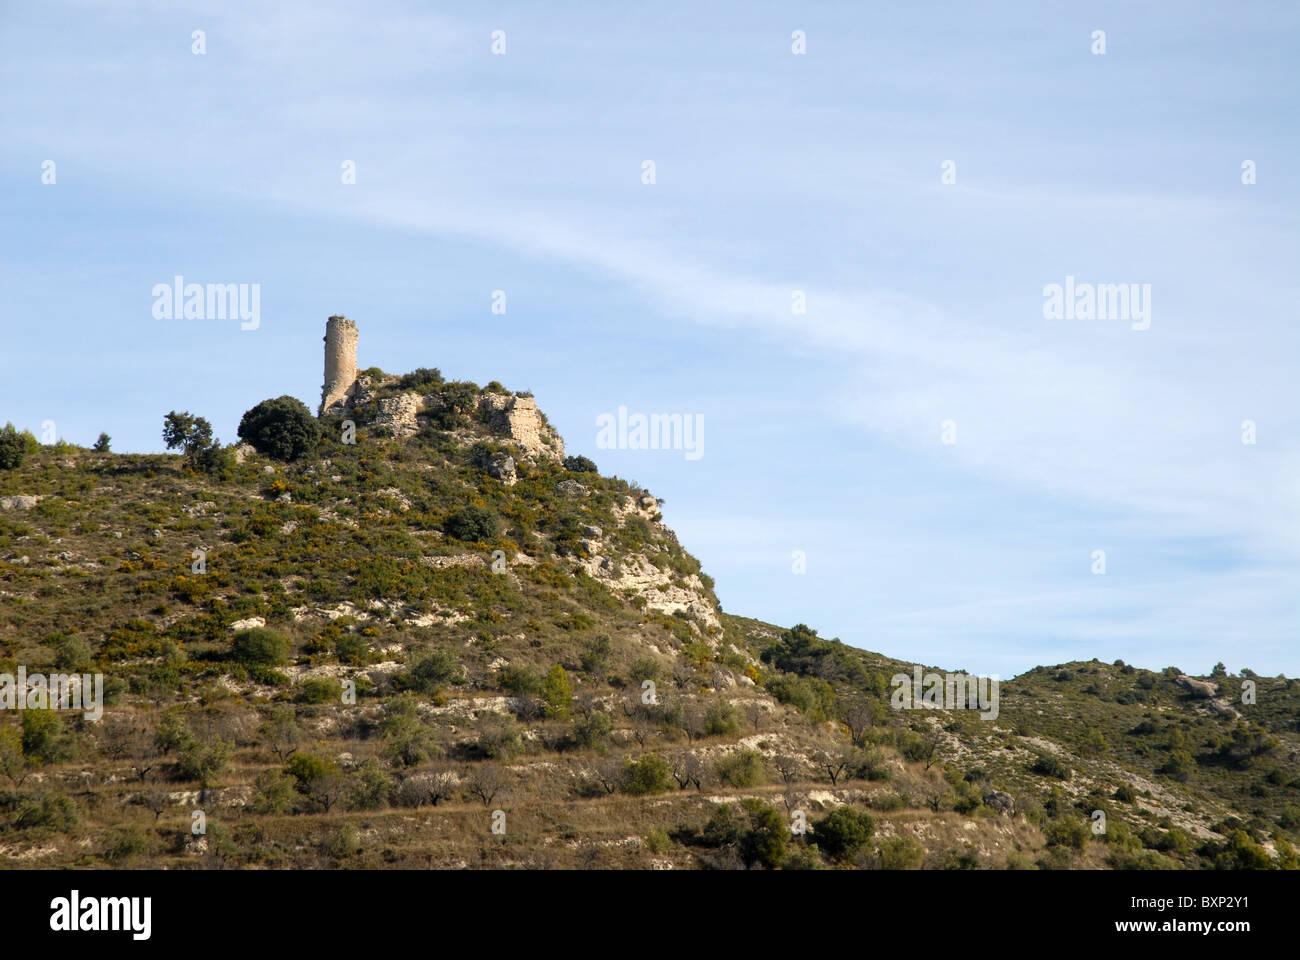 Rovine del Castello Costurera (castilo de Costurera), Balones, Vall de Seta, Provincia di Alicante, Comunidad Valenciana, Immagini Stock